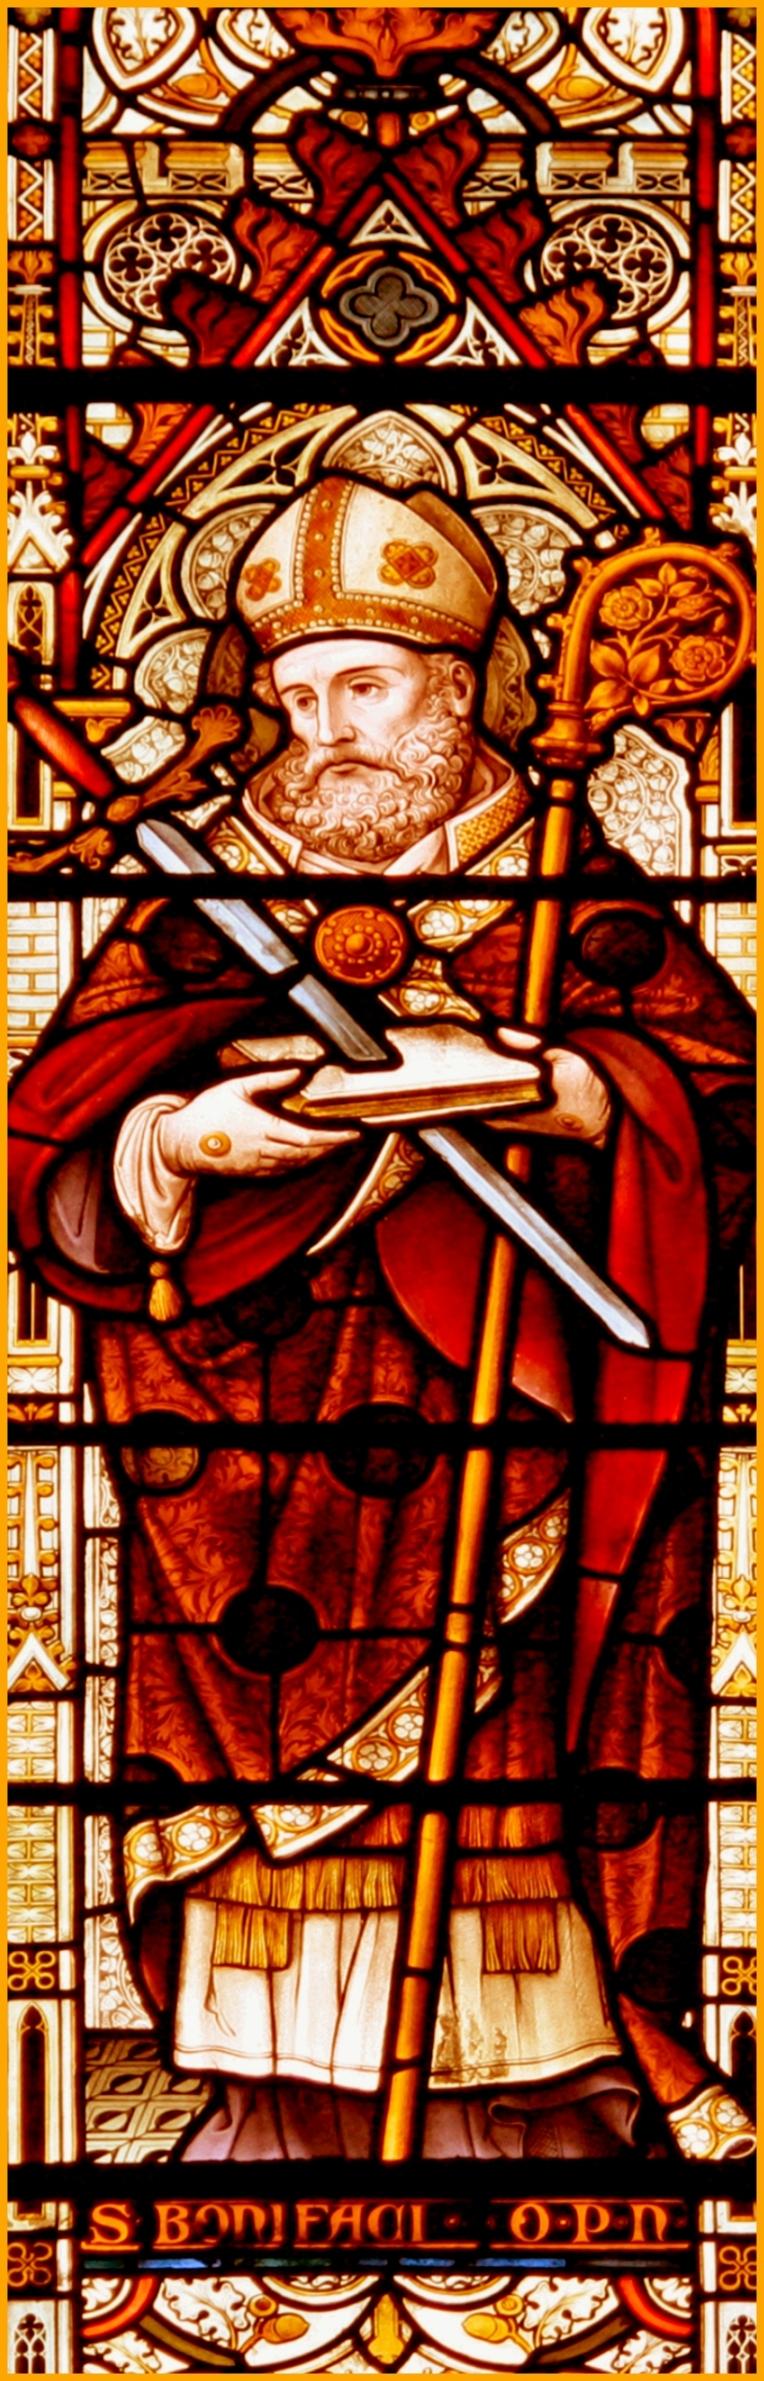 St. Boniface 2